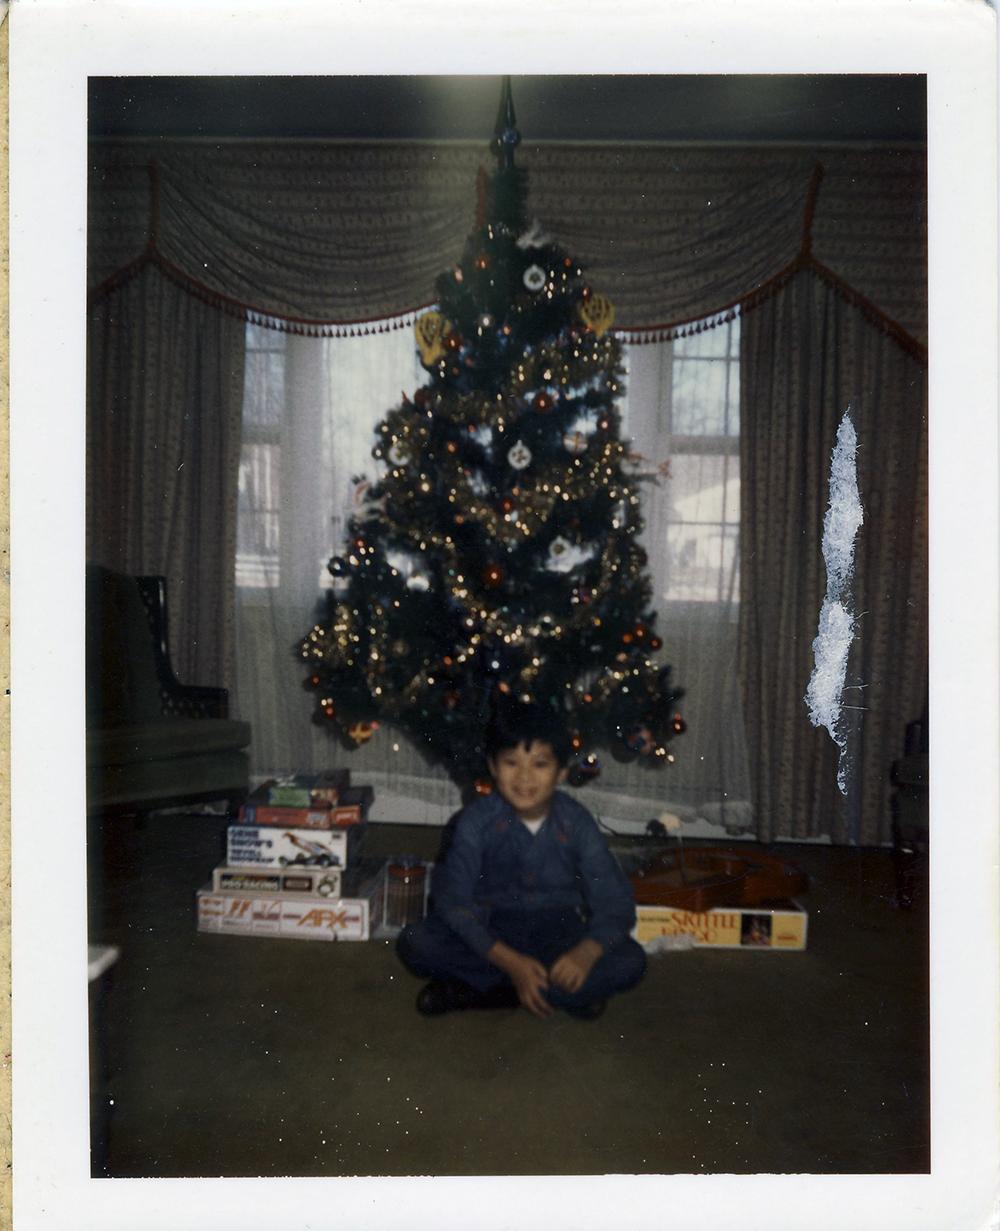 ChristmasRinpoche-8